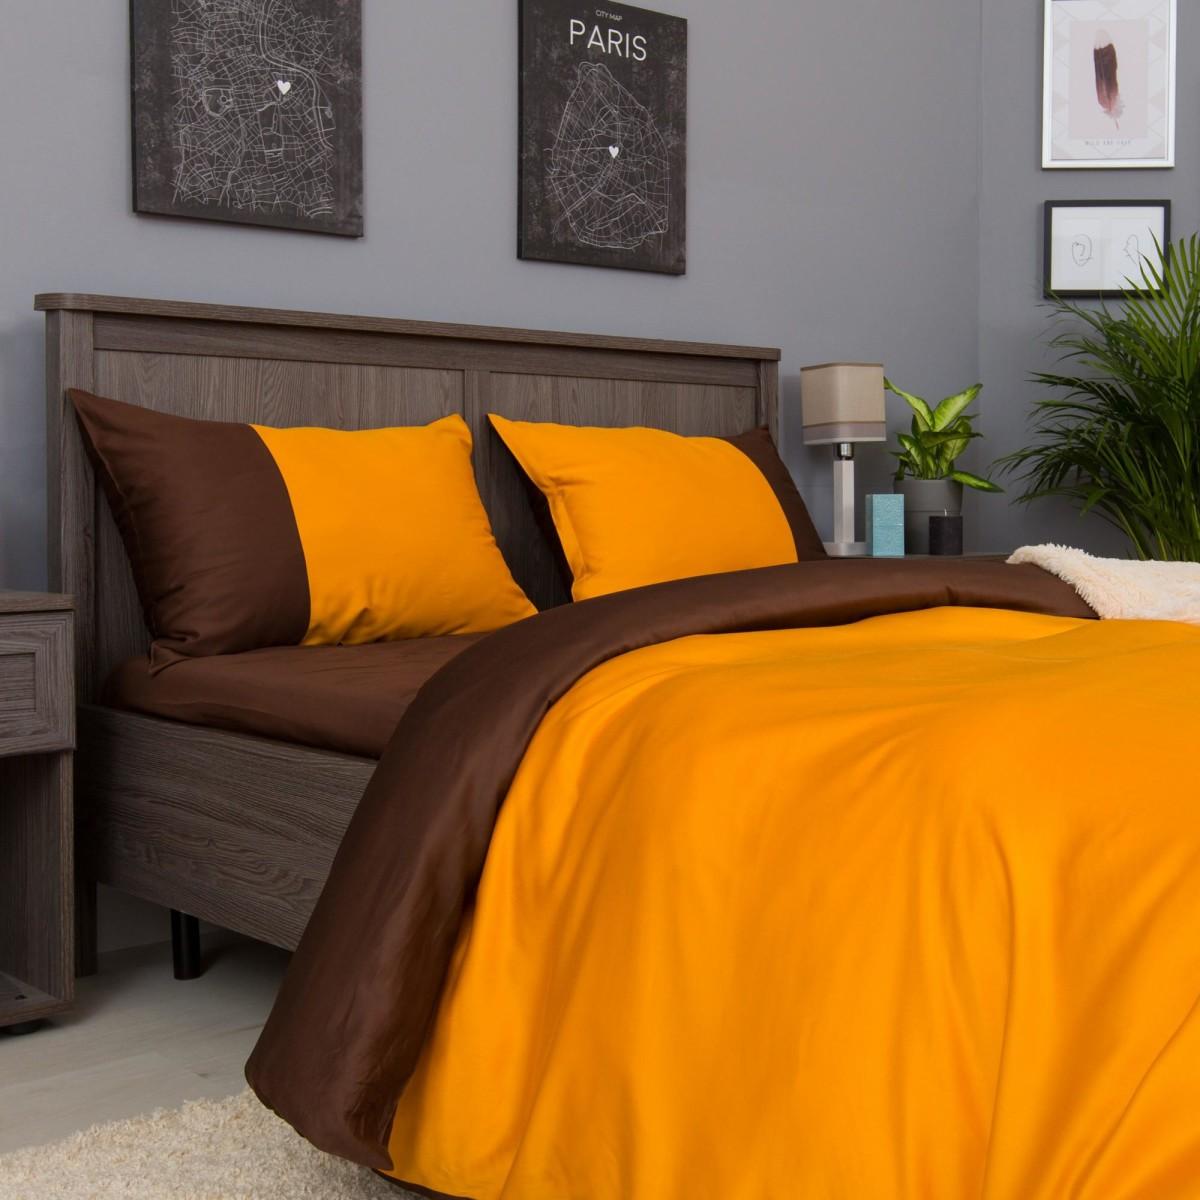 Комплект Постельного Белья Orange-Choco Fresh Евро Сатин